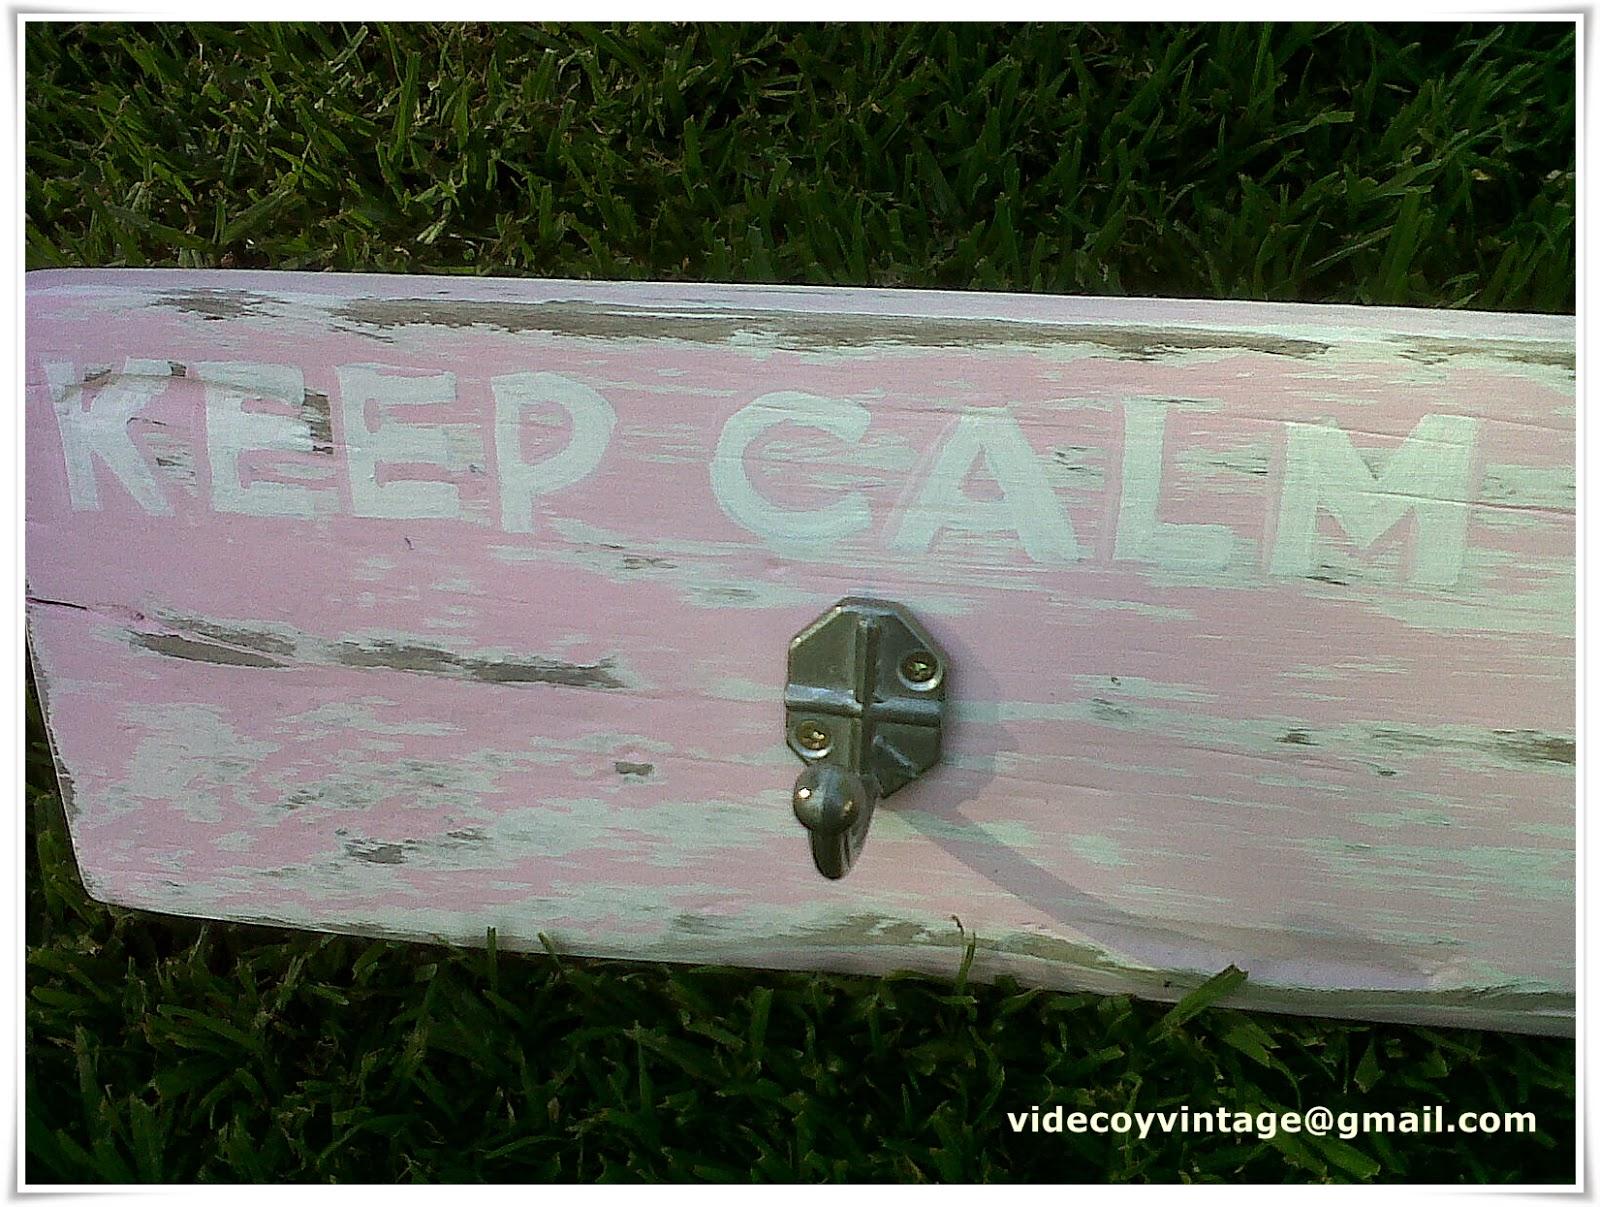 Videcoyvintage deco perchero de cocina rosa for Perchero para cocina